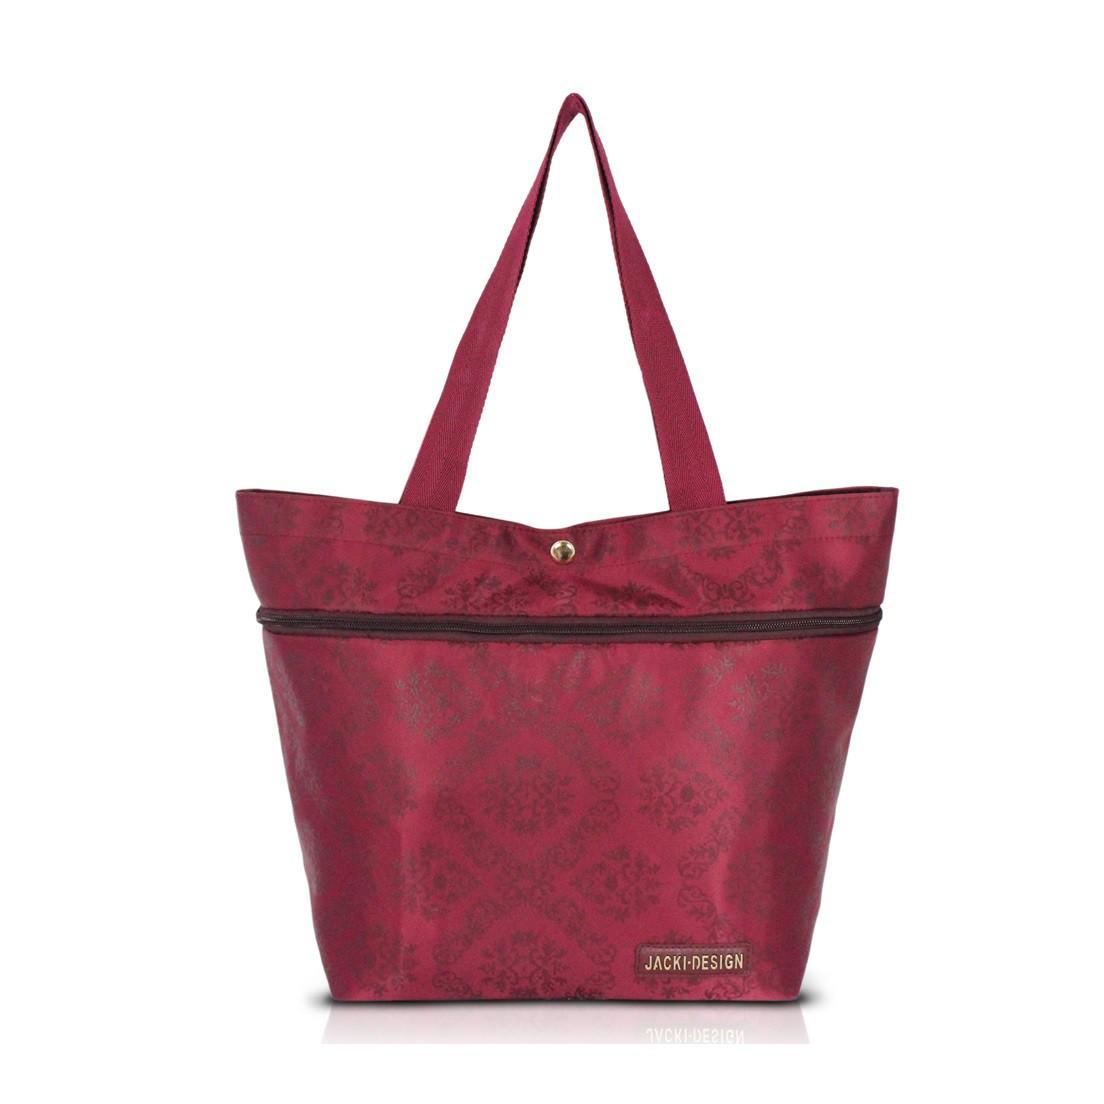 Bolsa Expansível com Carrinho Essencial II Jacki Design